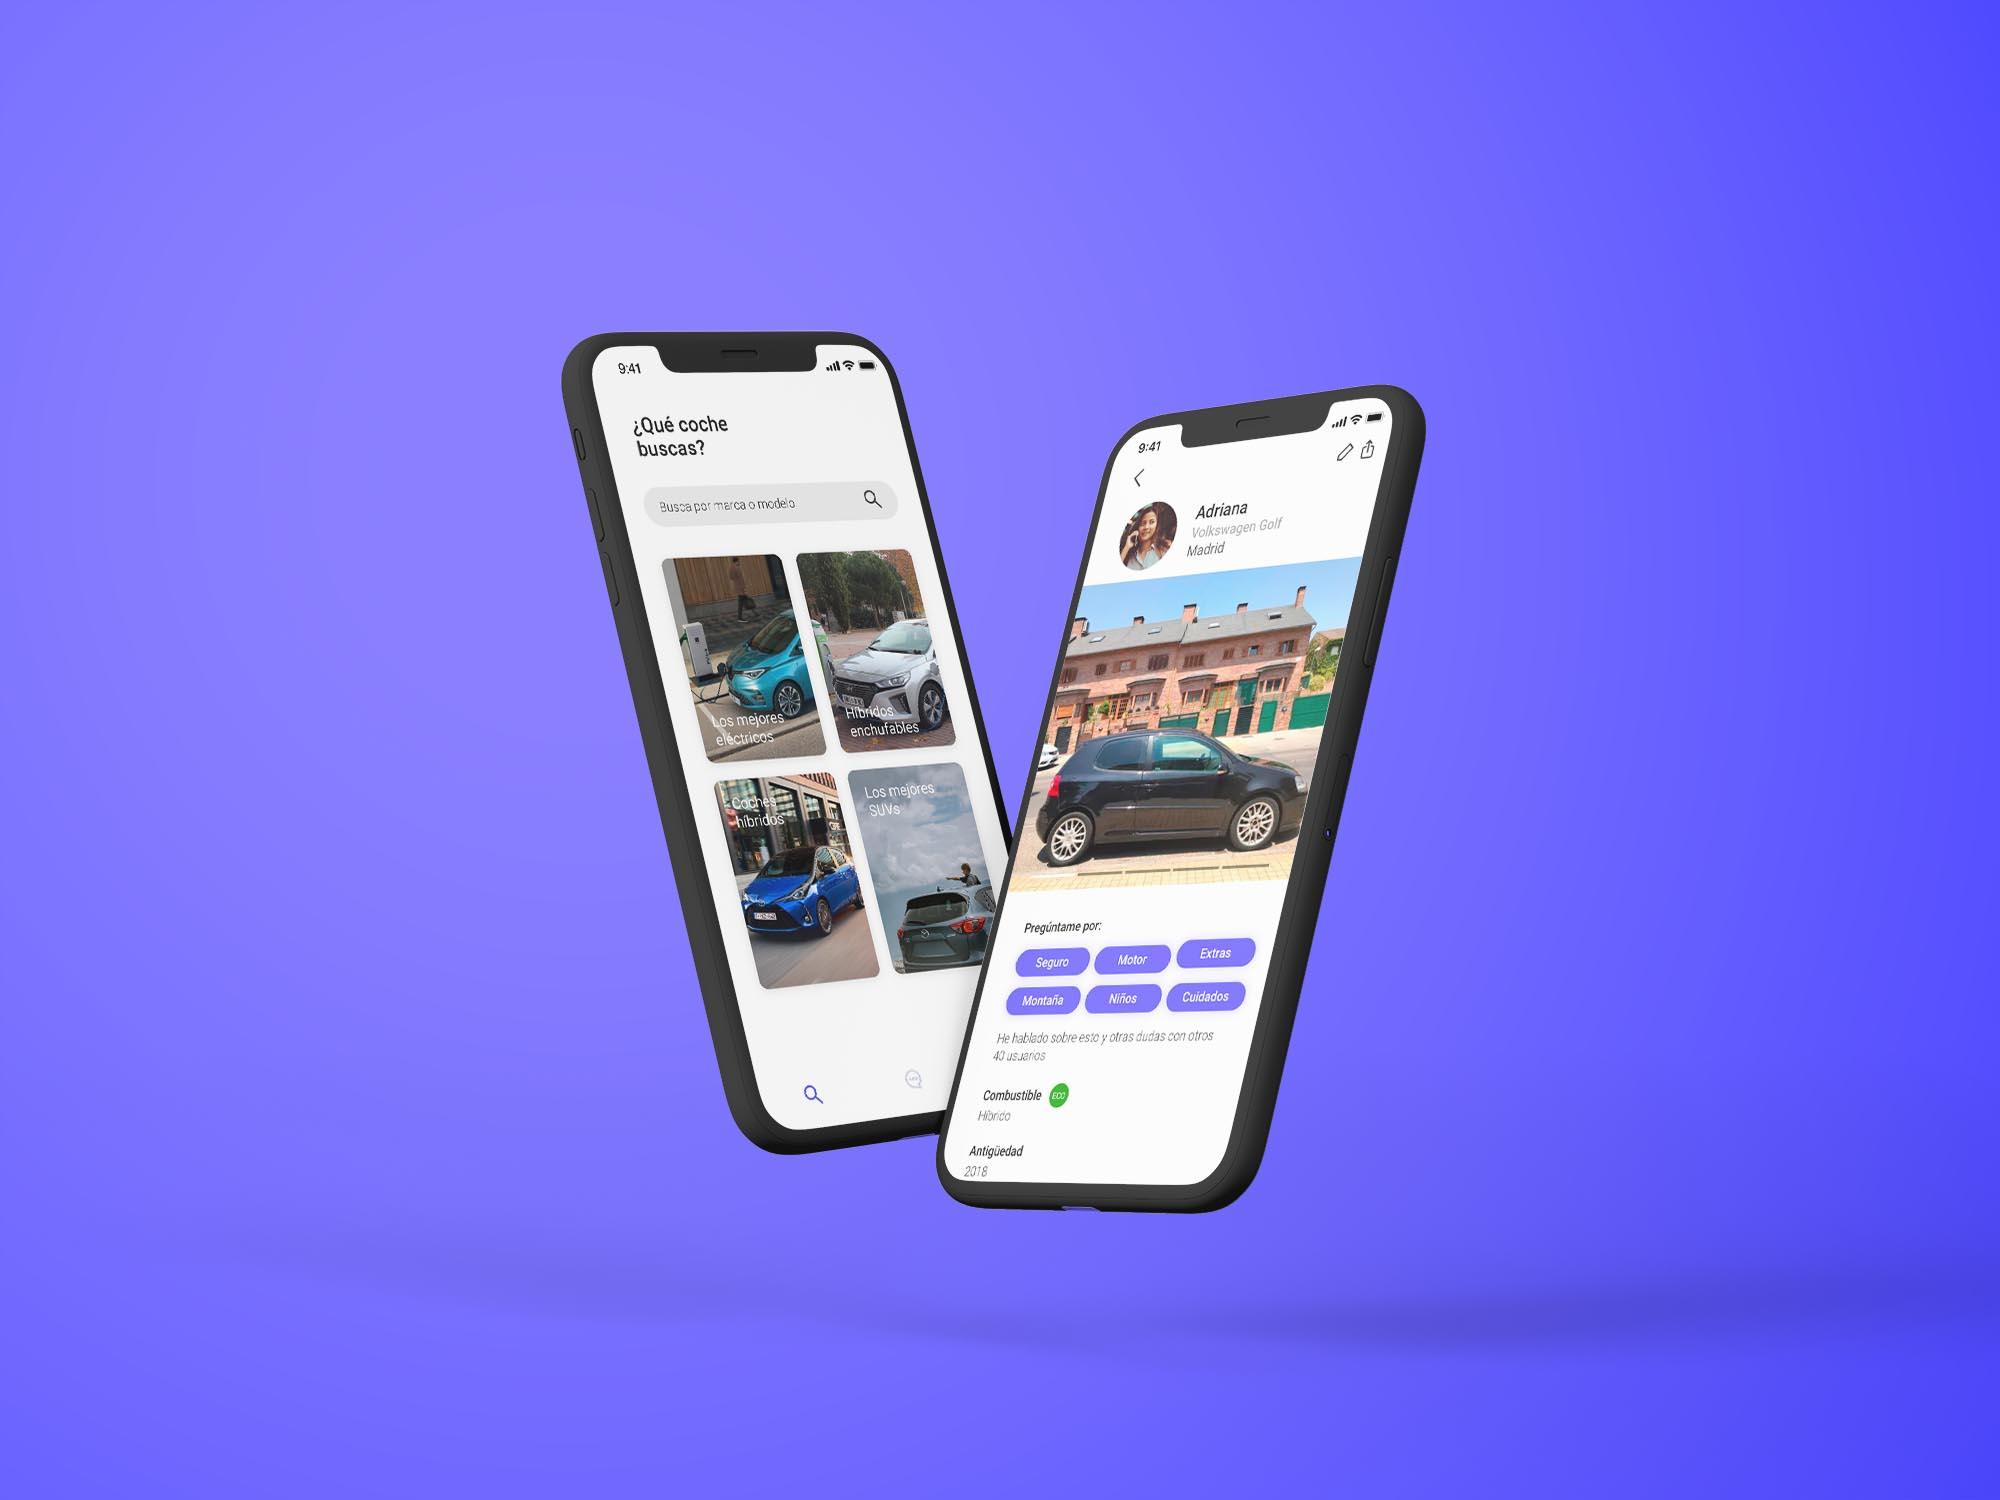 Dos móviles donde se pueden ver la aplicación de bemycar.